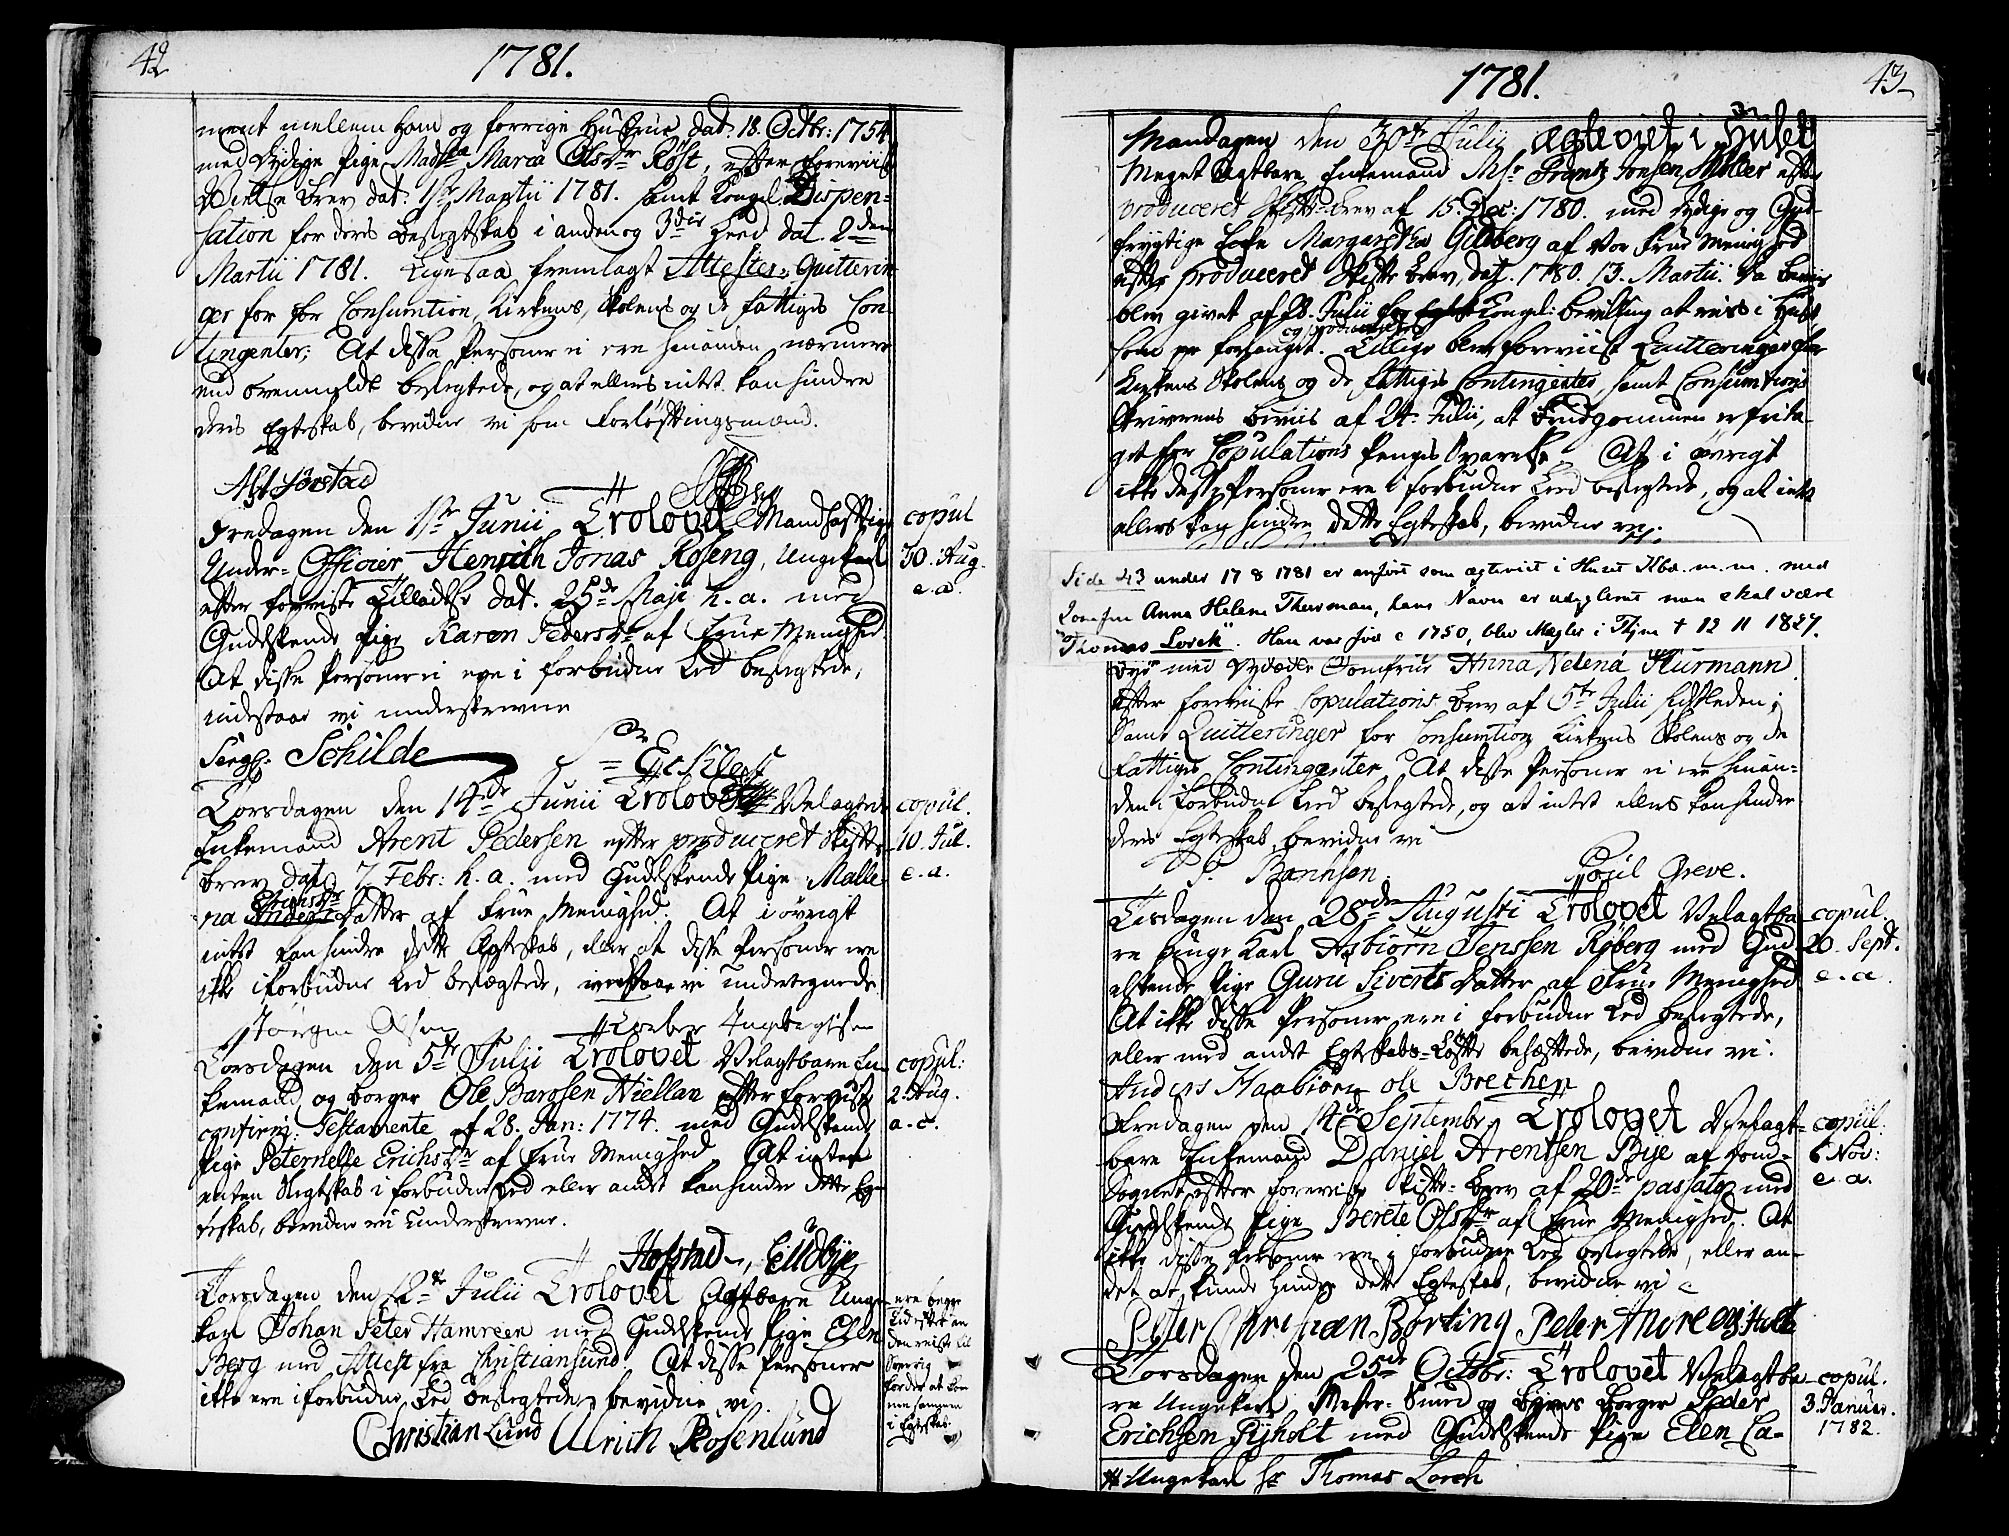 SAT, Ministerialprotokoller, klokkerbøker og fødselsregistre - Sør-Trøndelag, 602/L0105: Ministerialbok nr. 602A03, 1774-1814, s. 42-43